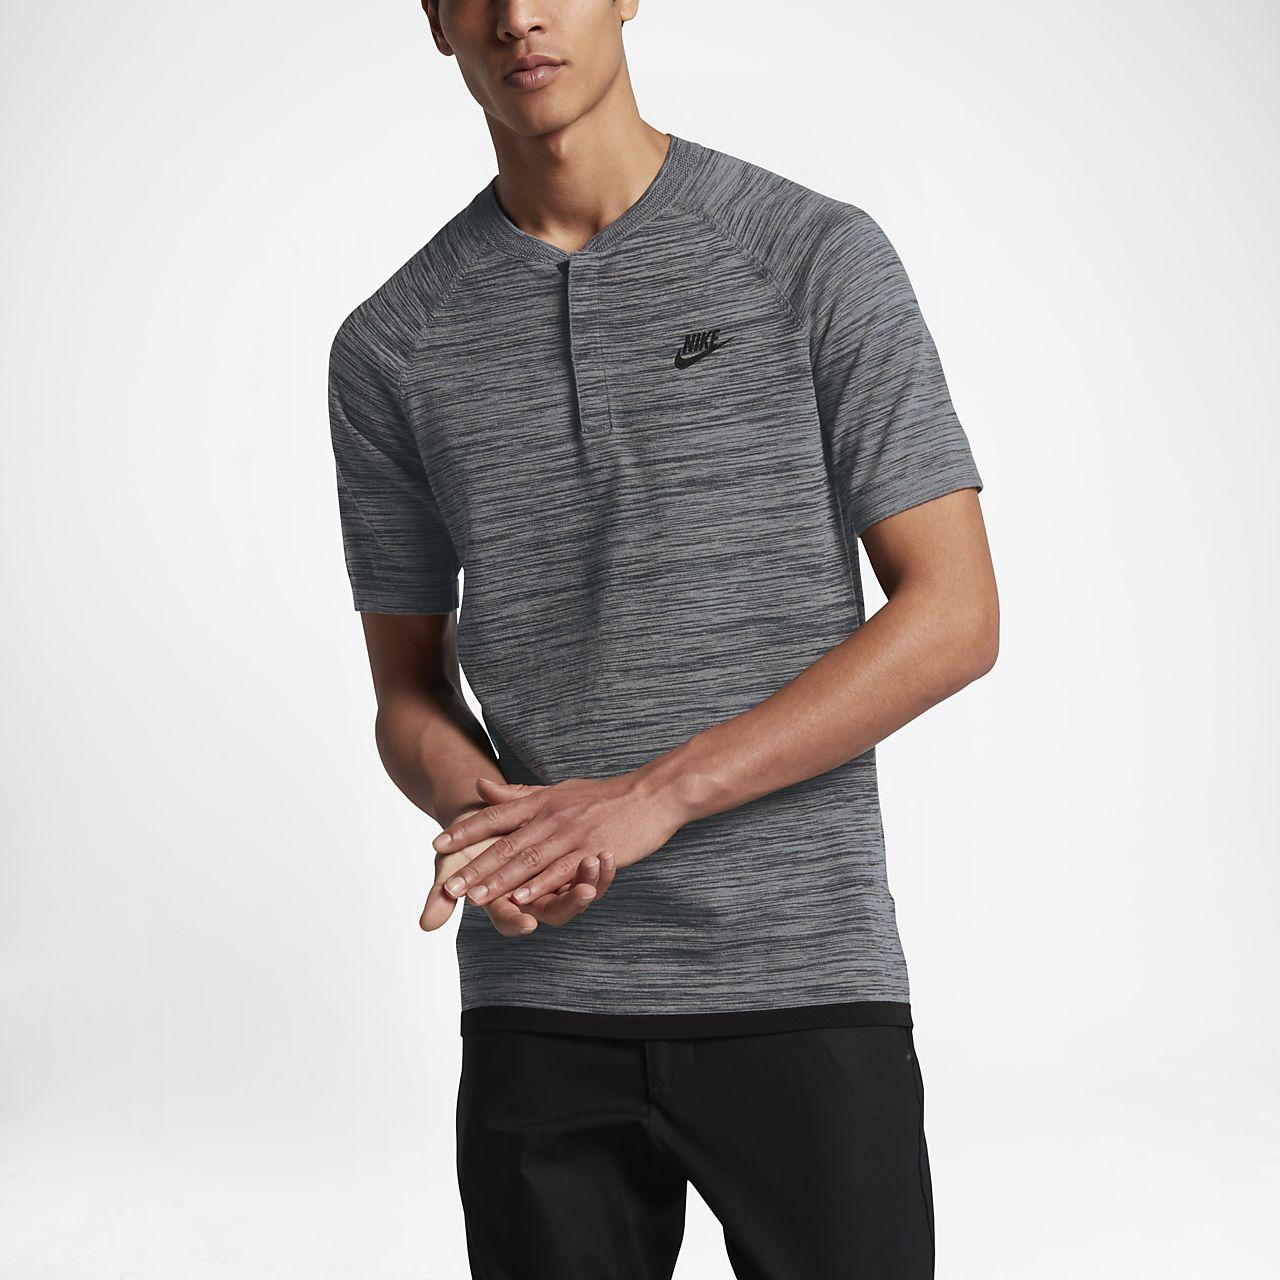 Nike Sportswear Tech Knit 男子翻领T恤